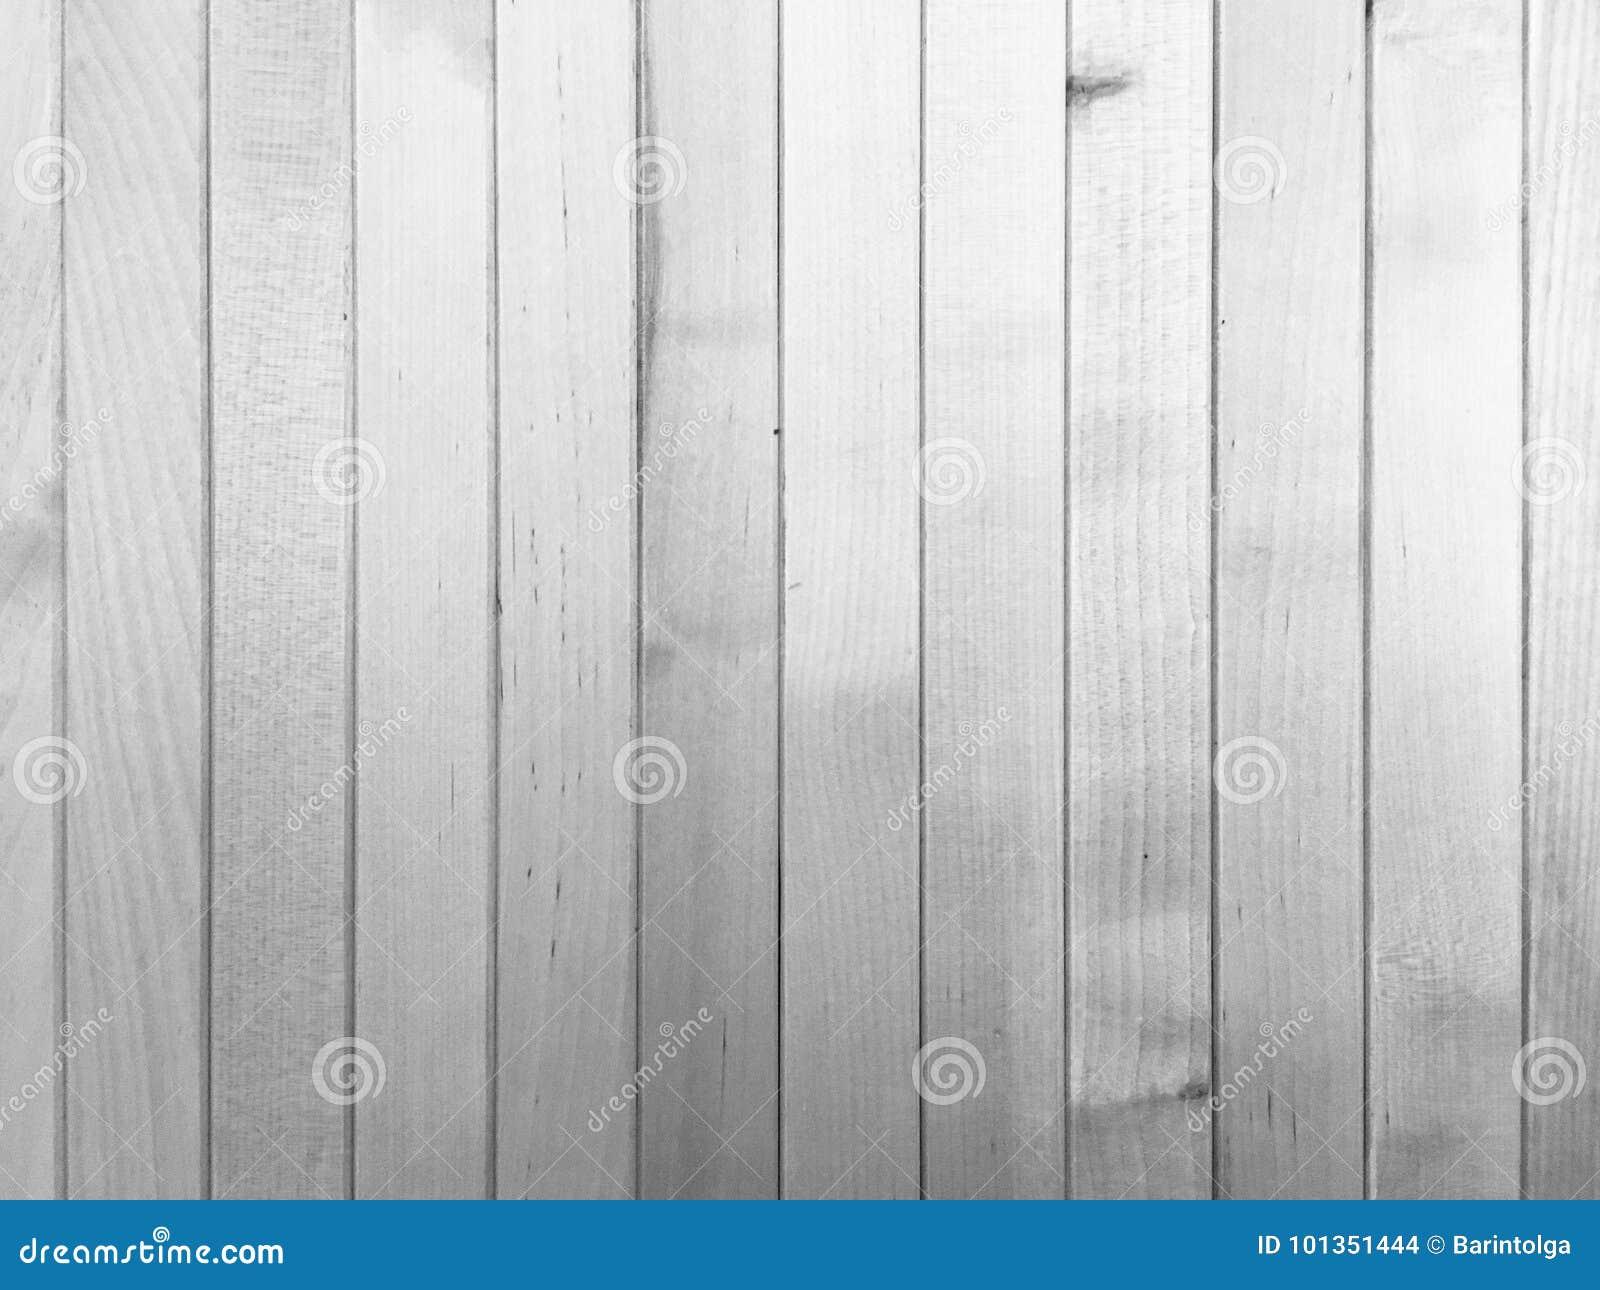 Legno Bianco Texture : Carta da parati close up naturale texture legno bianco e vecchio